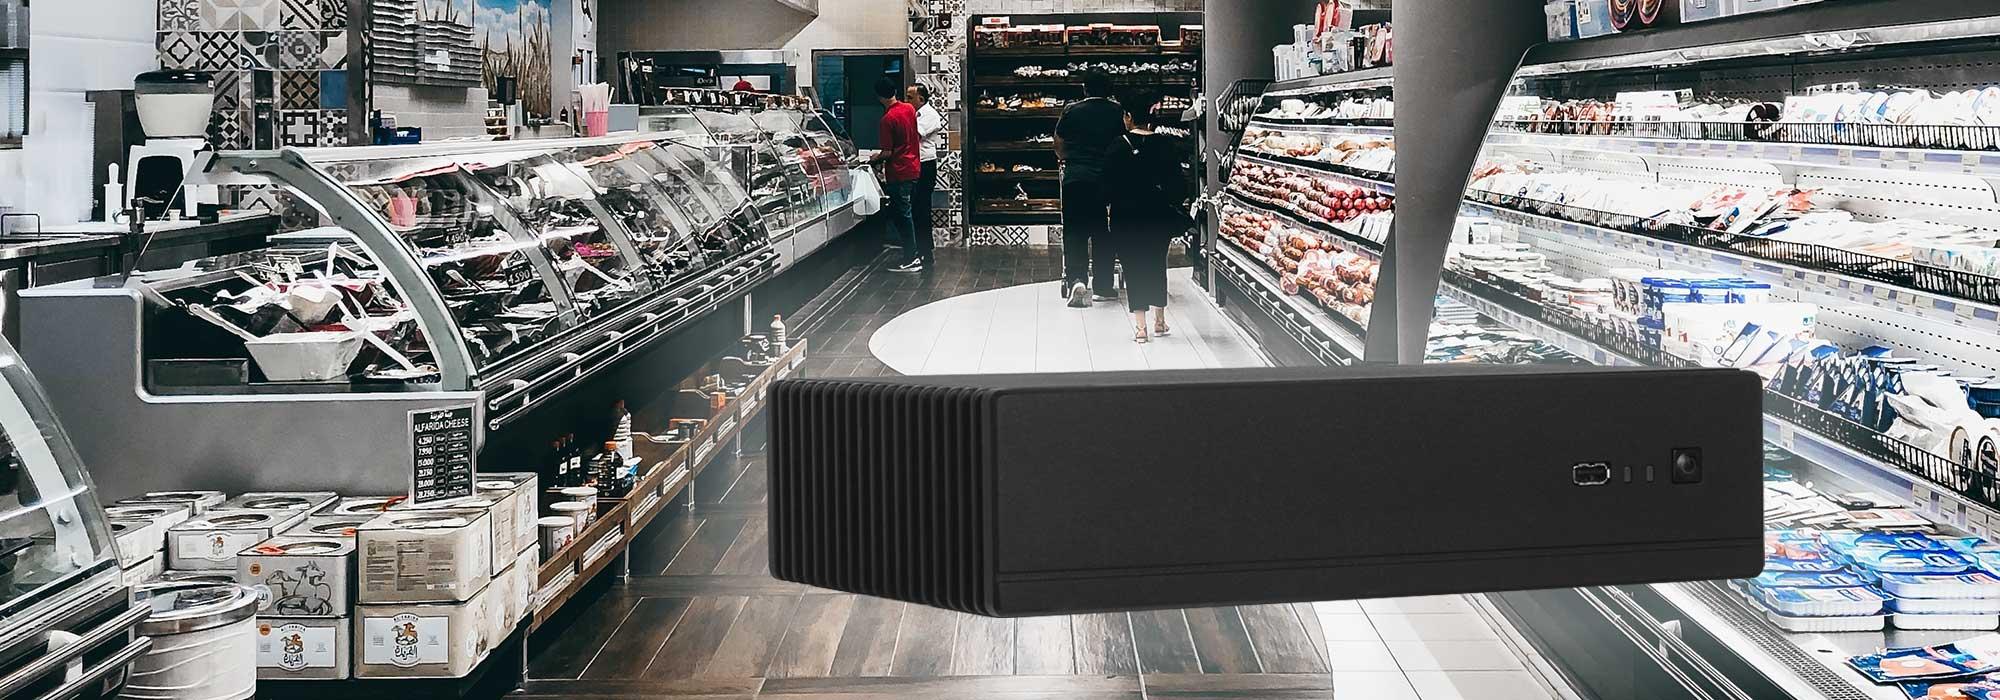 retail pc i butikk